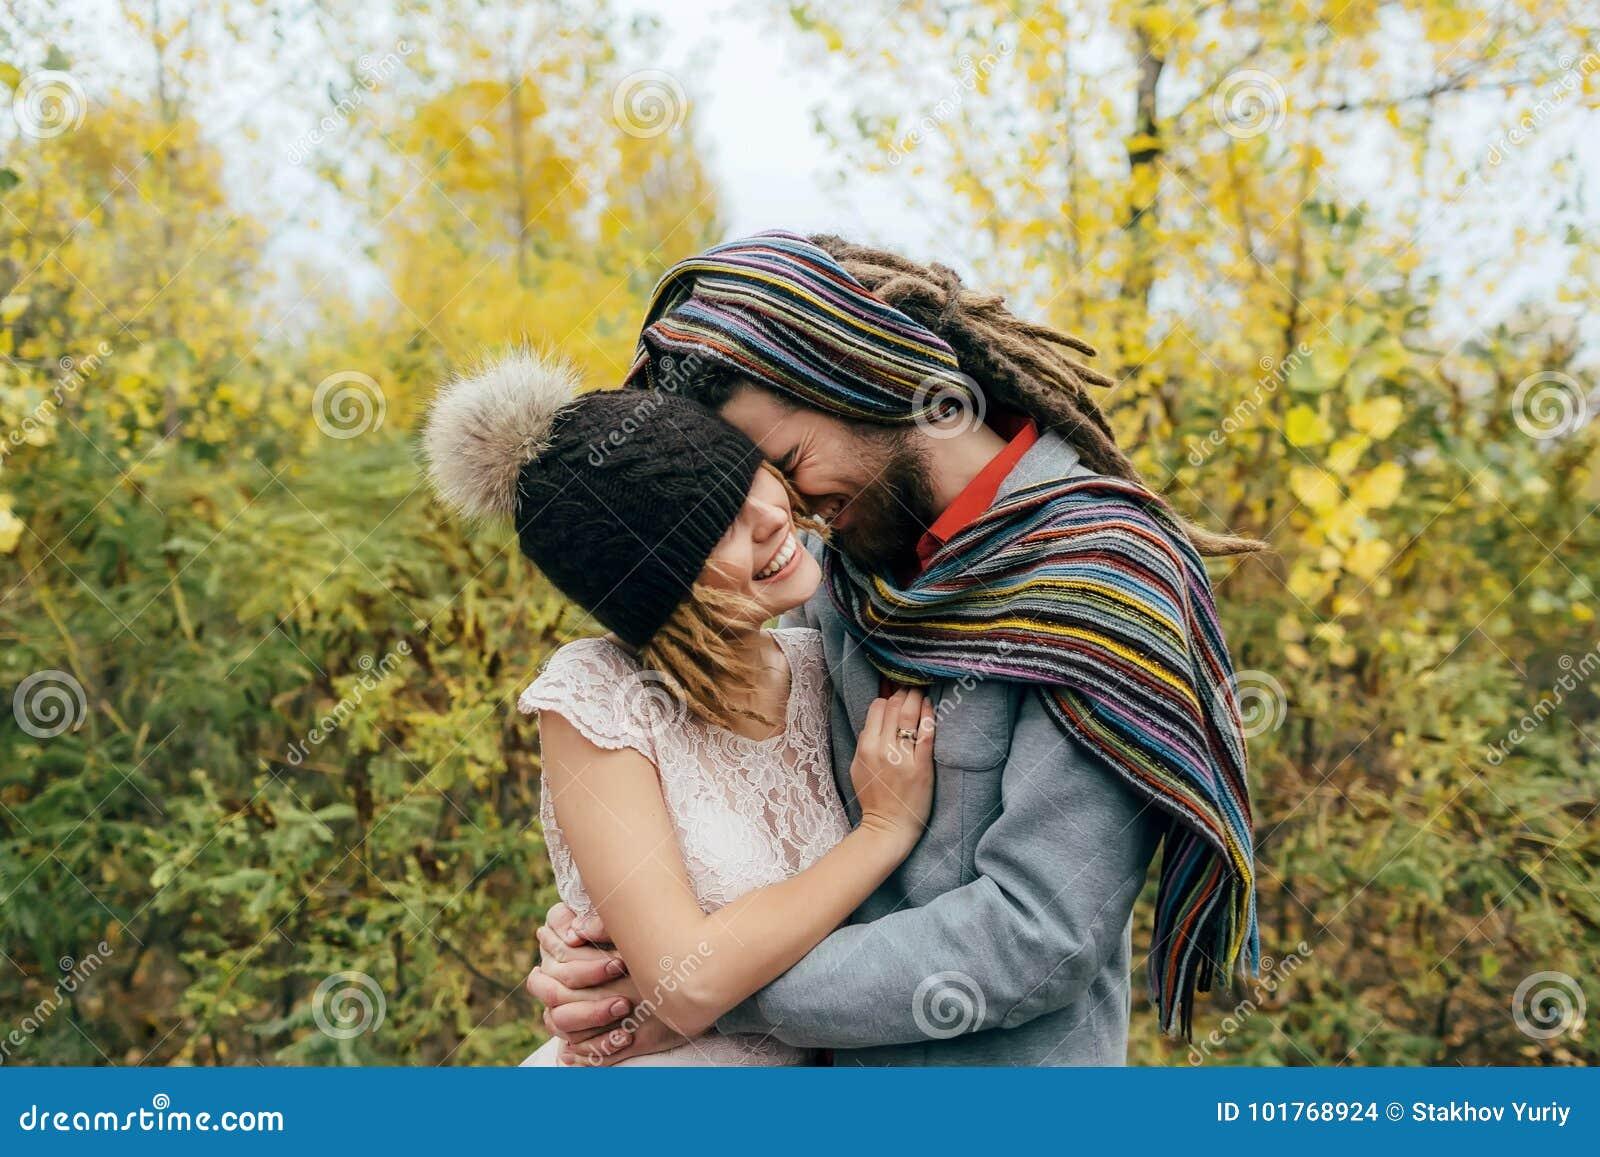 Braut In Einer Strickmutze Mit Einem Pom Pom Hut Der Ihre Augen